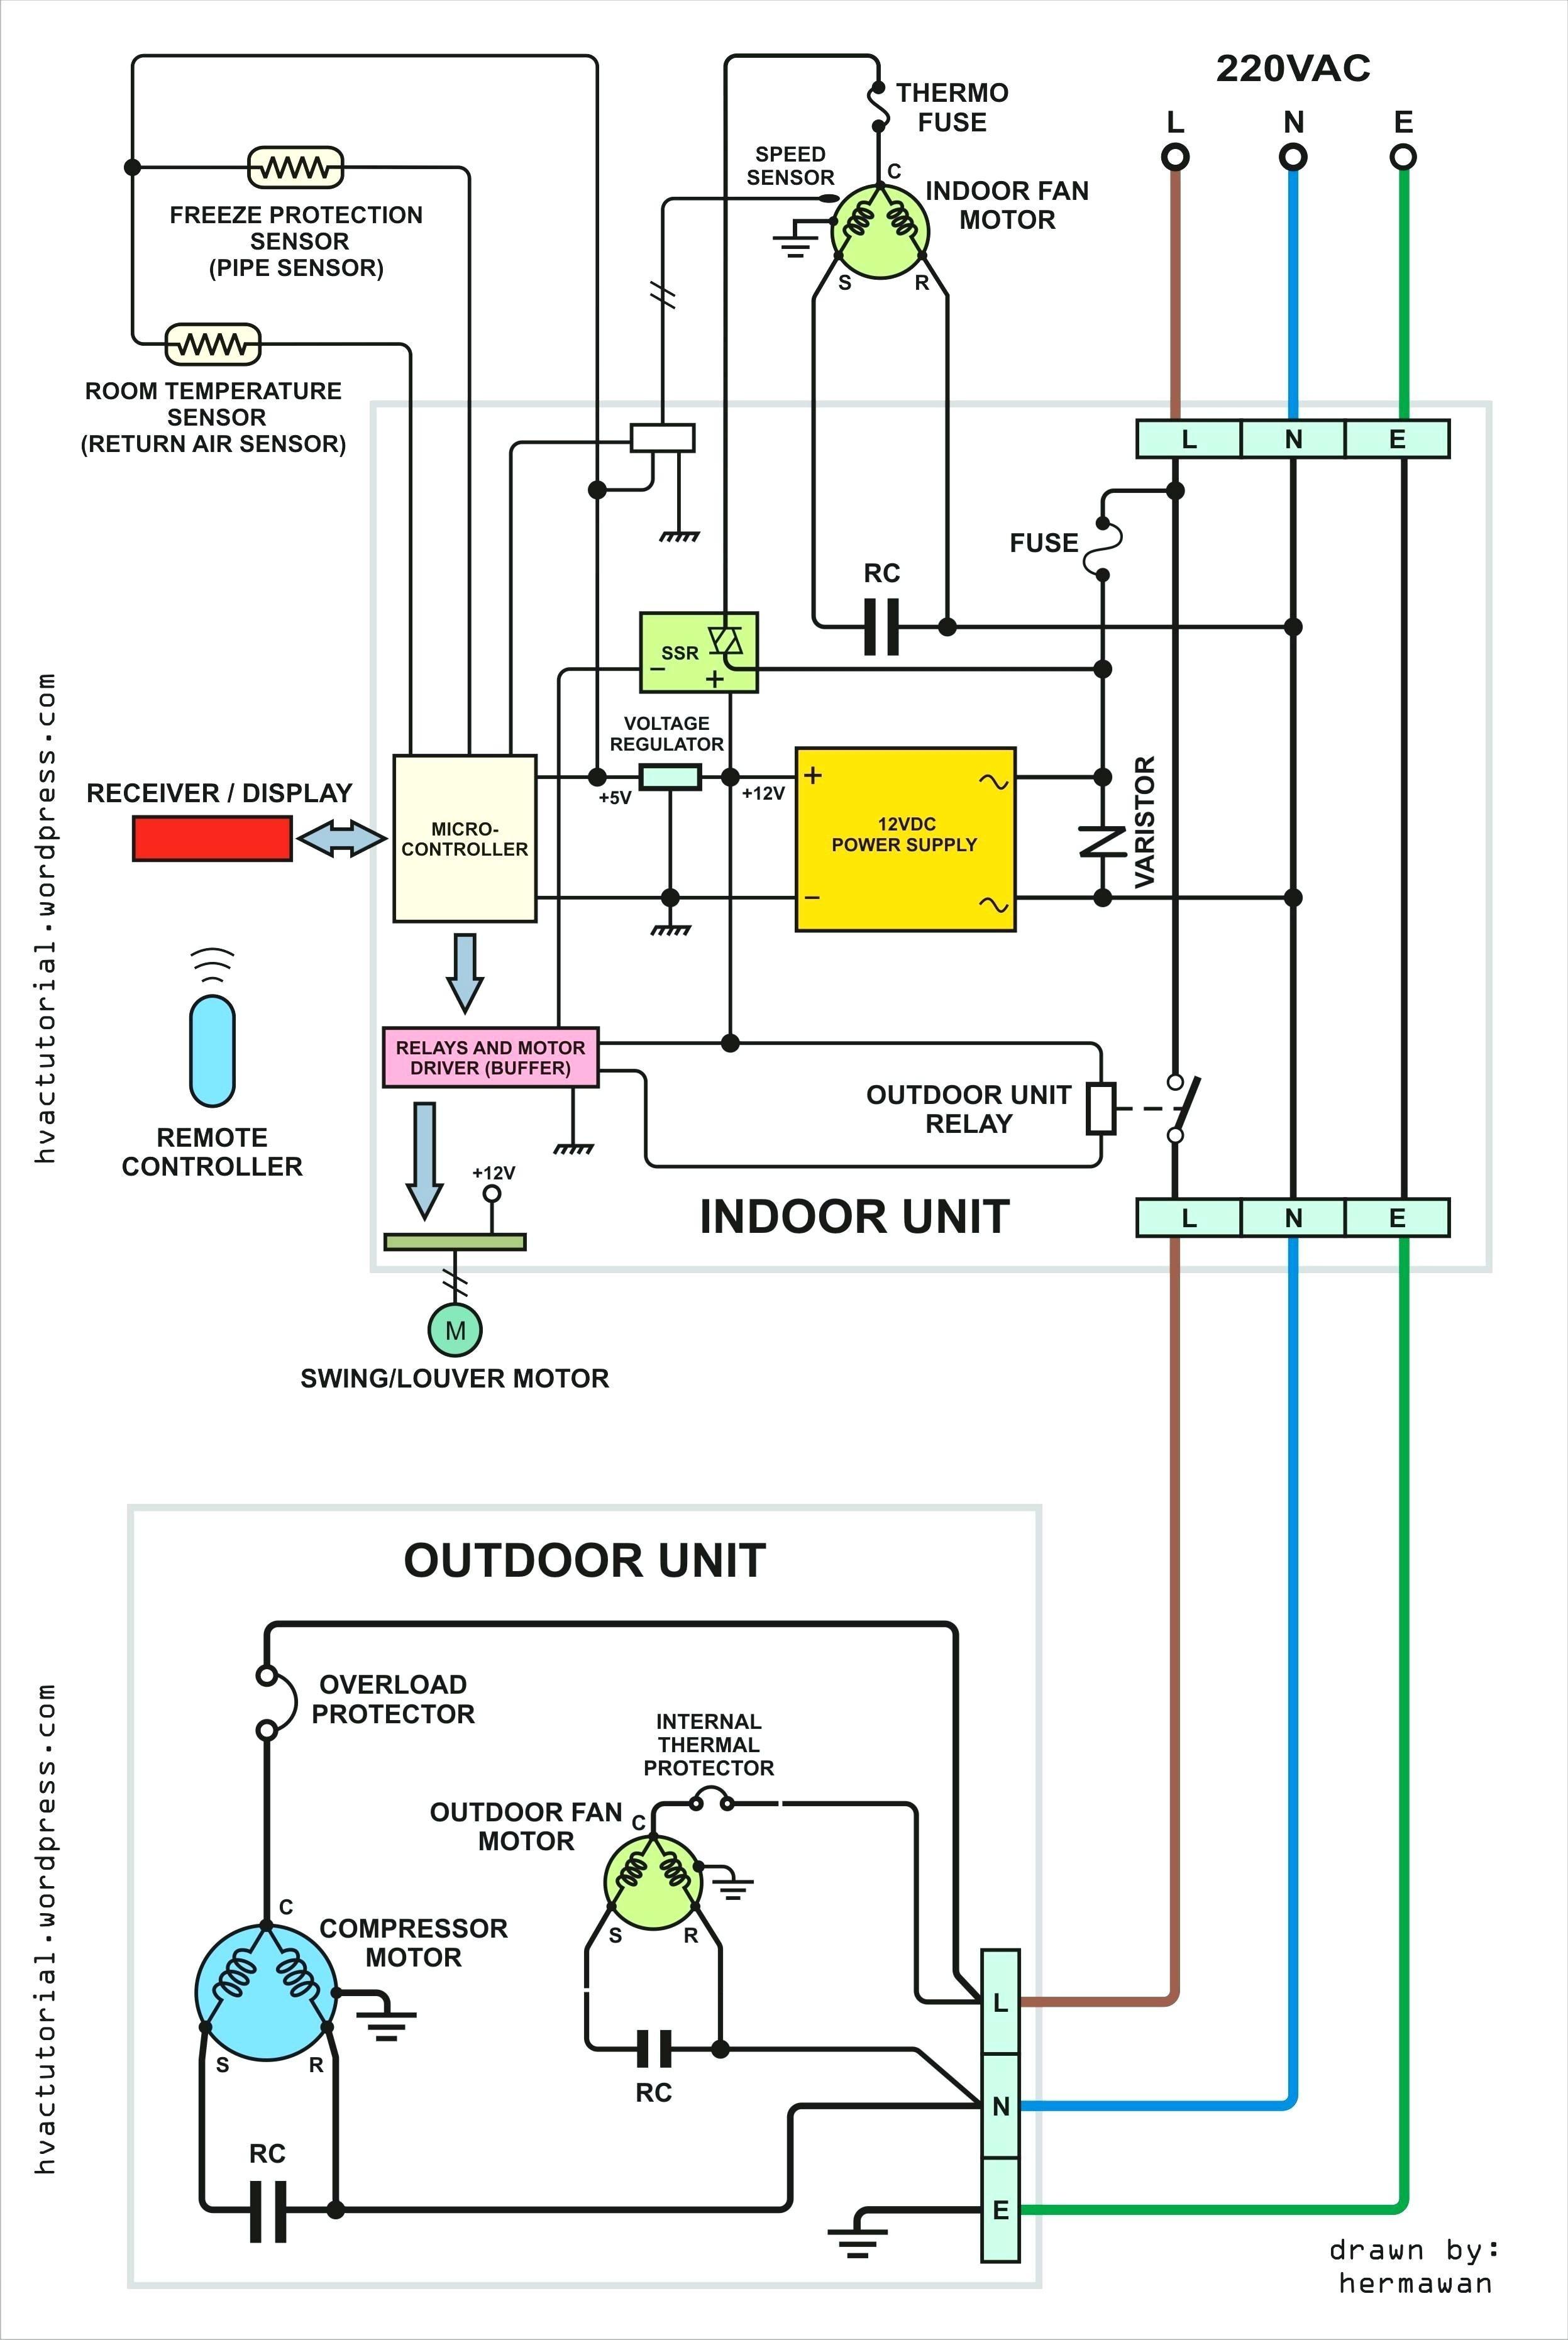 FF_8088] Trane Xe 1000 Heat Pump Wiring Diagram Schematic WiringGenion Impa Viewor Mohammedshrine Librar Wiring 101